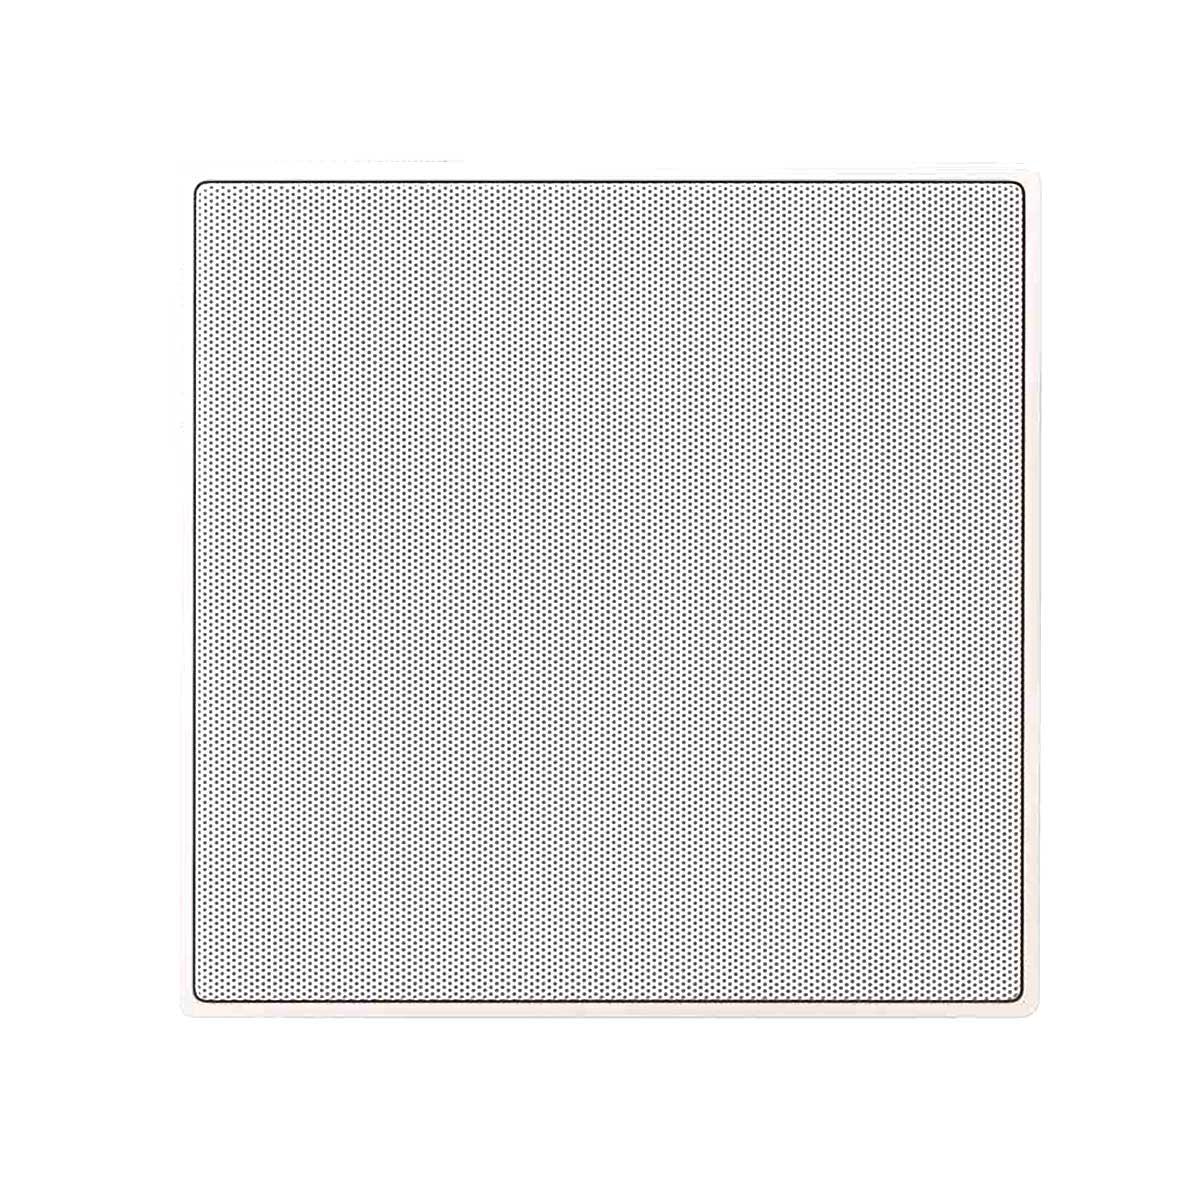 Arandela Coaxial Quadrada Fal 6 Pol 120W - CI 6 S JBL